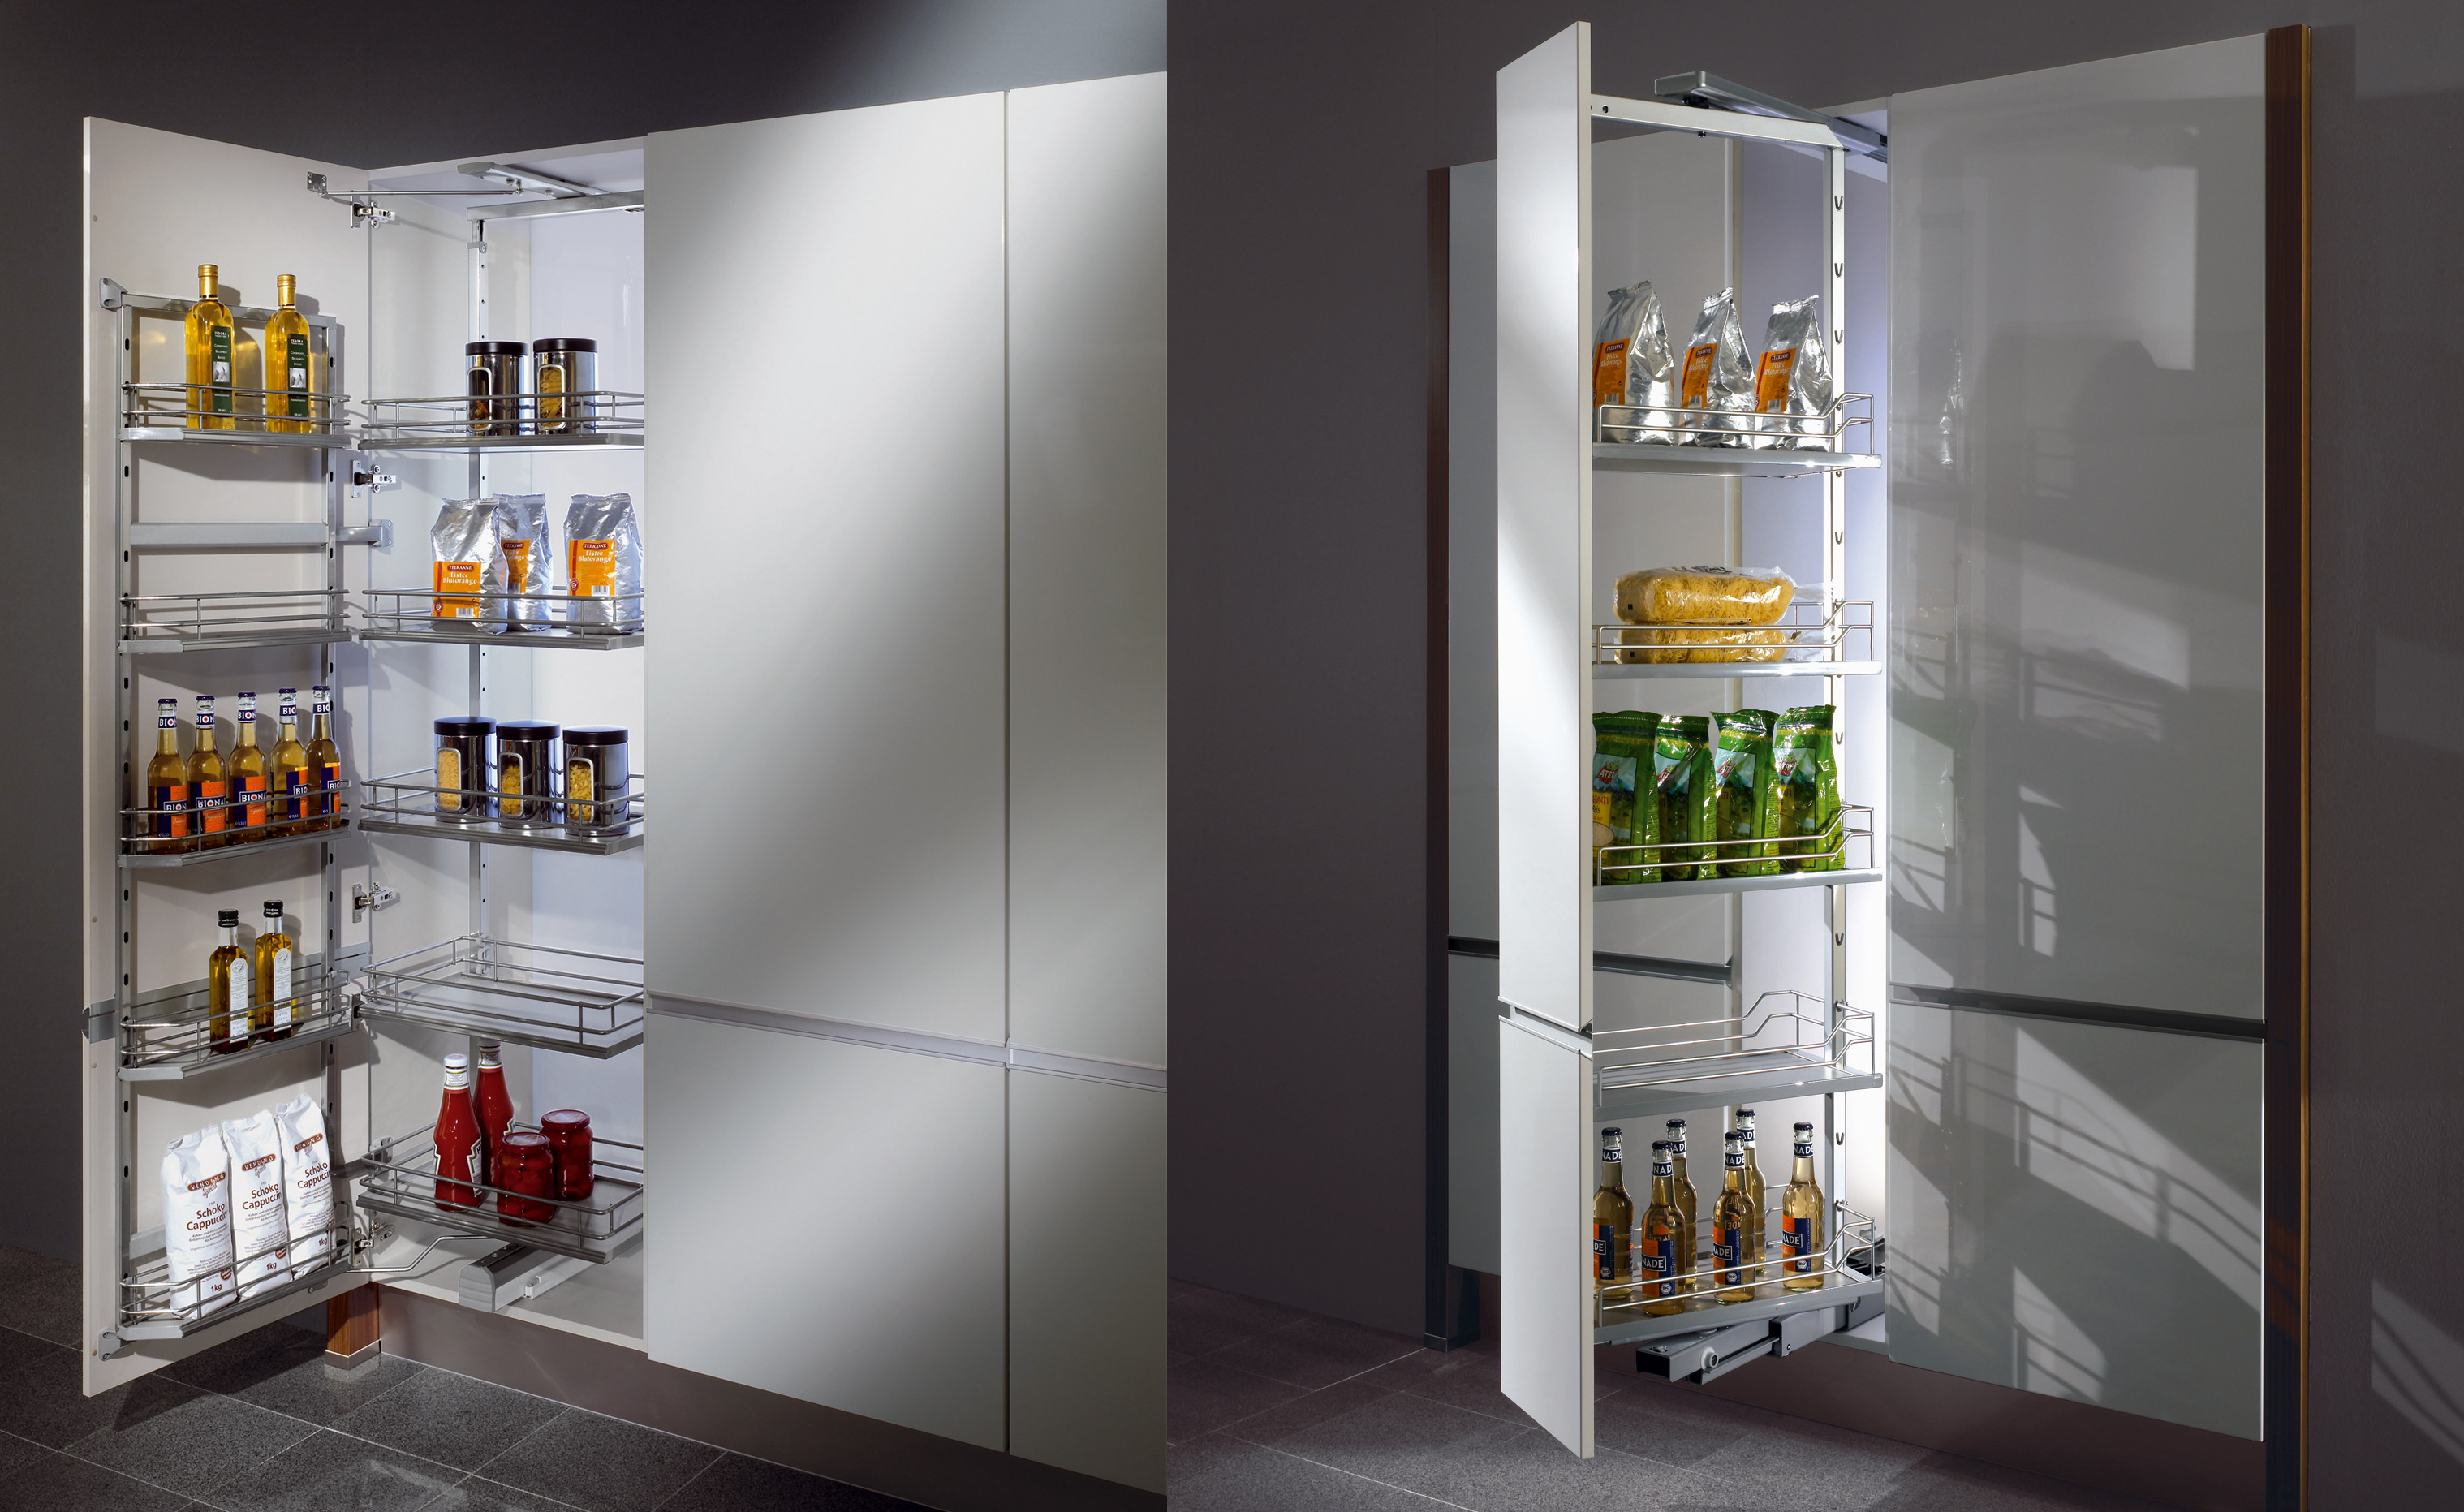 Häufig Küchenschrank: Die richtigen Küchenmöbel finden EM04